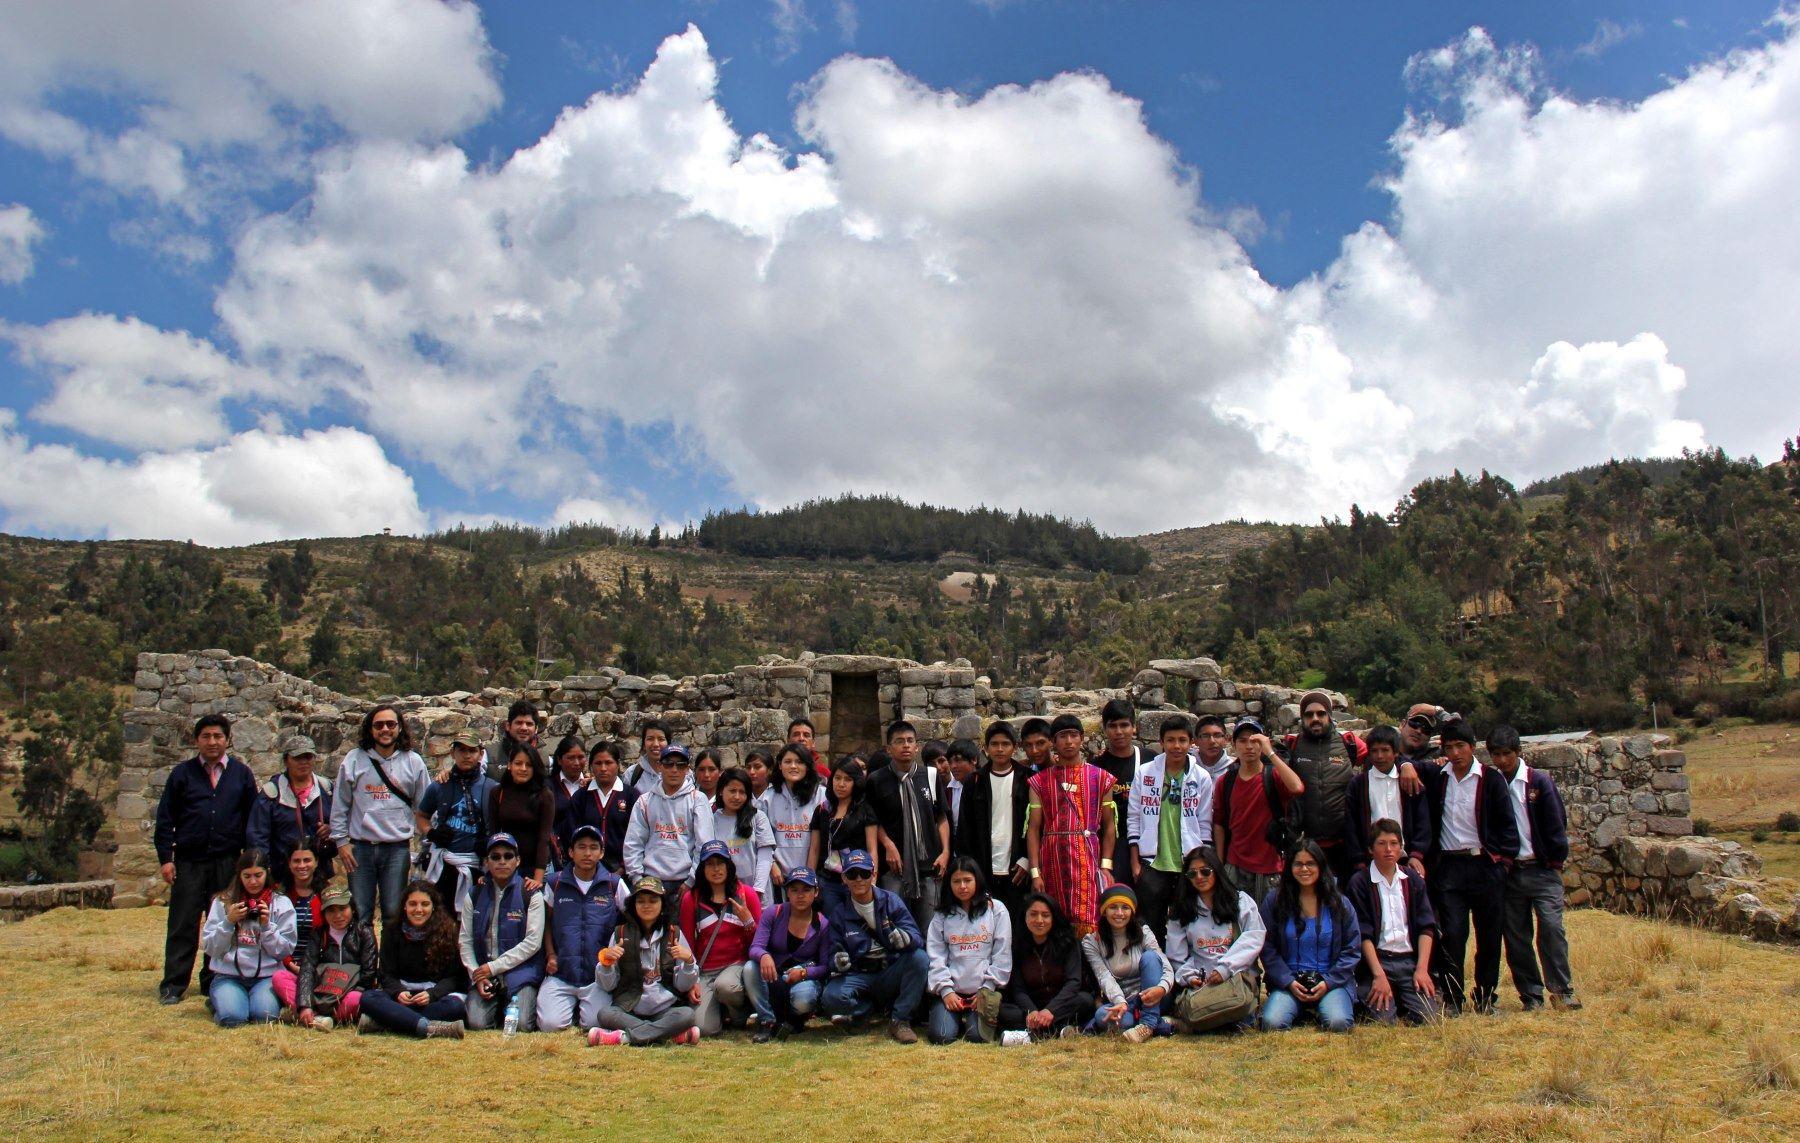 Escolares de diversas regionales participarán en recorrido del Qhapaq Ñan. ANDINA/Difusión